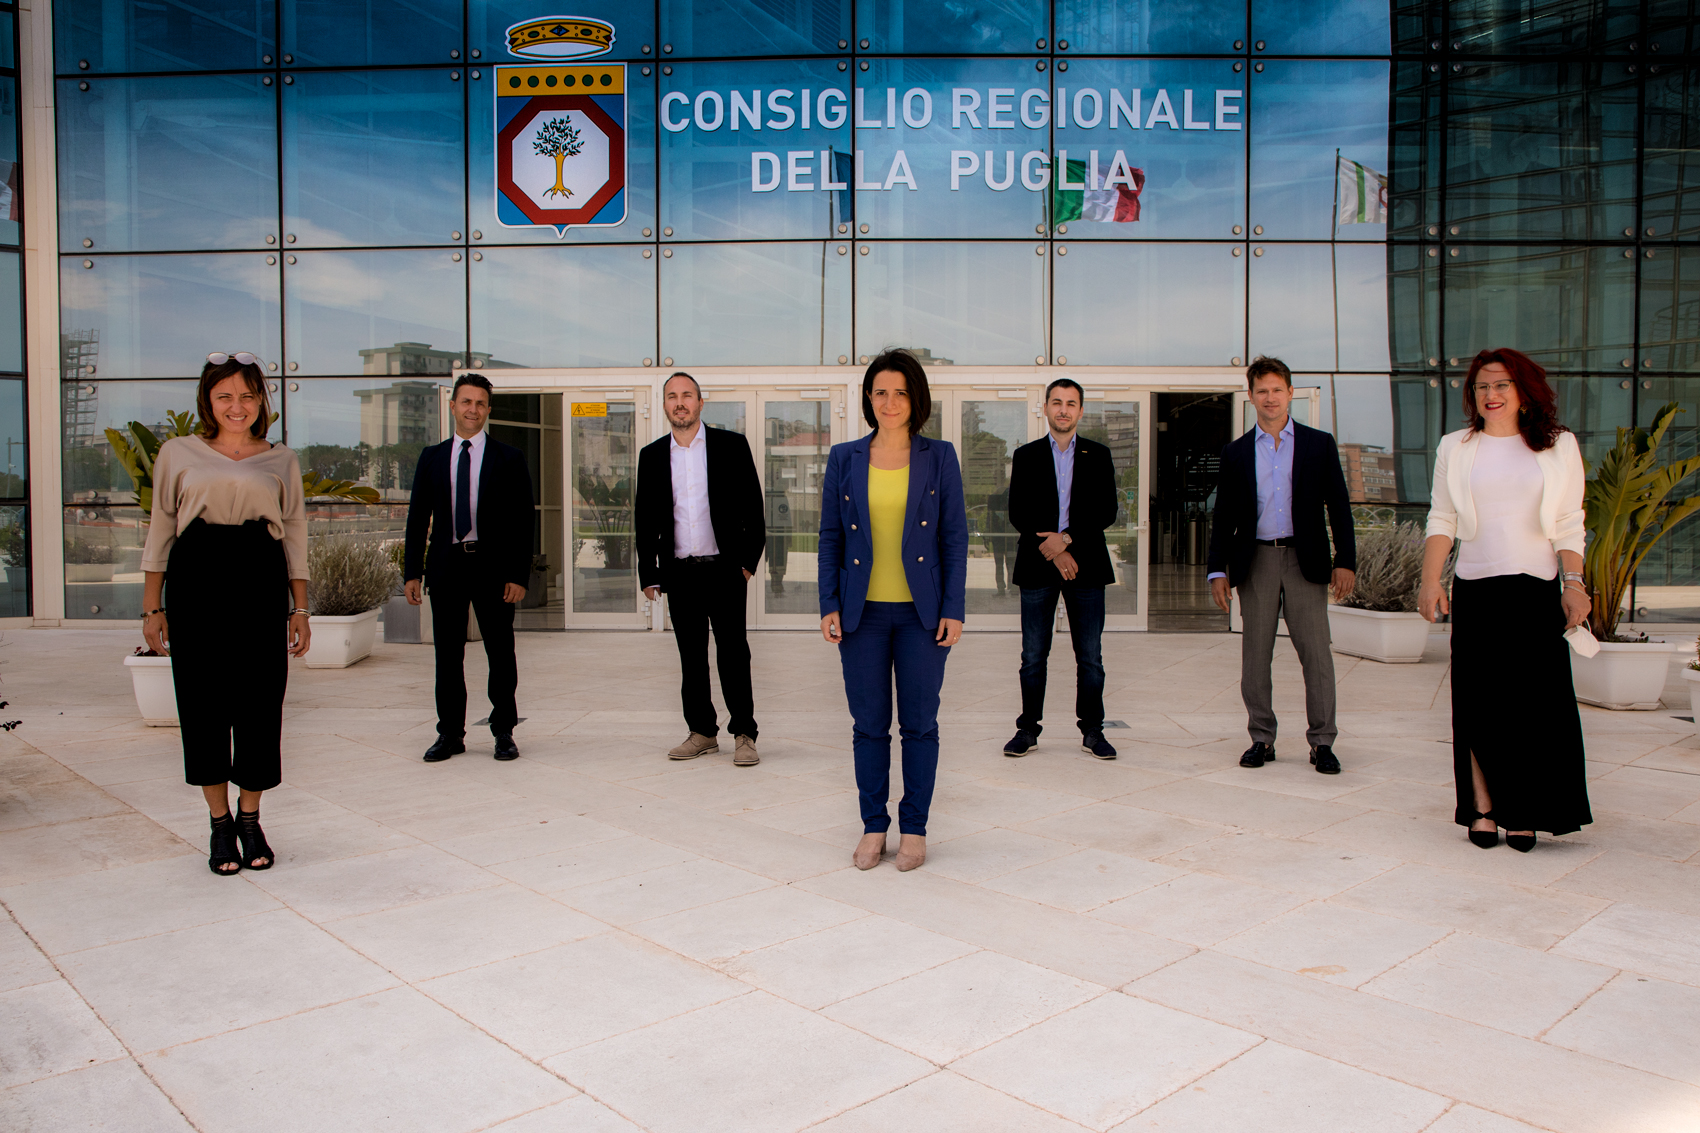 Taranto, annuncio Forza Italia per segretaria bionda e di bella presenza. M5S: Chiedano scusa